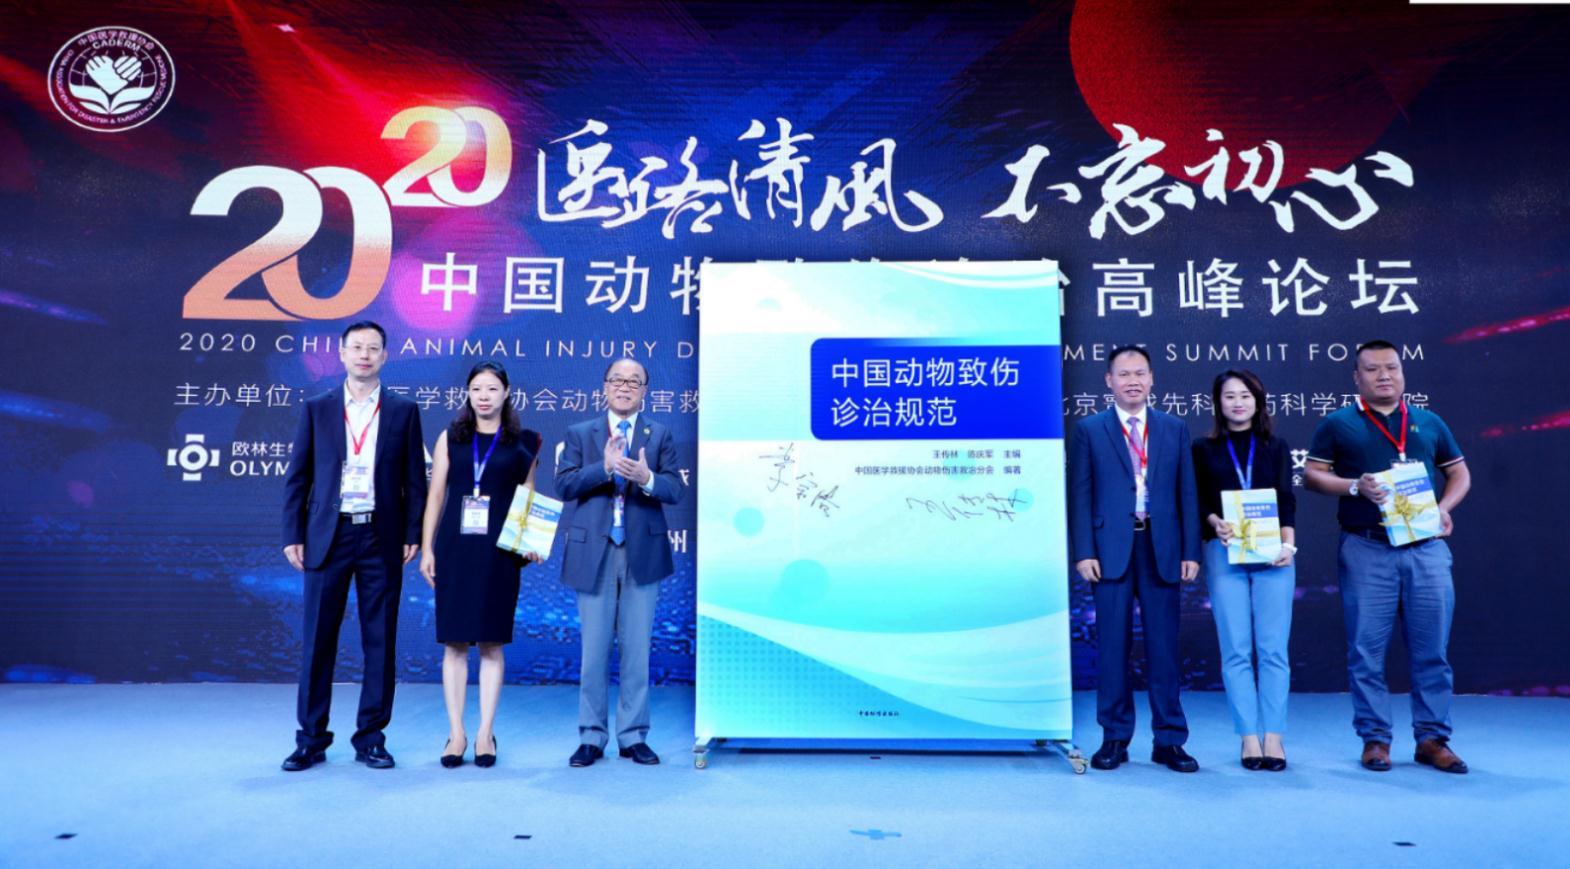 共守医路初心 更拓领域新境 2020中国动物致伤诊治高峰论坛成功举办